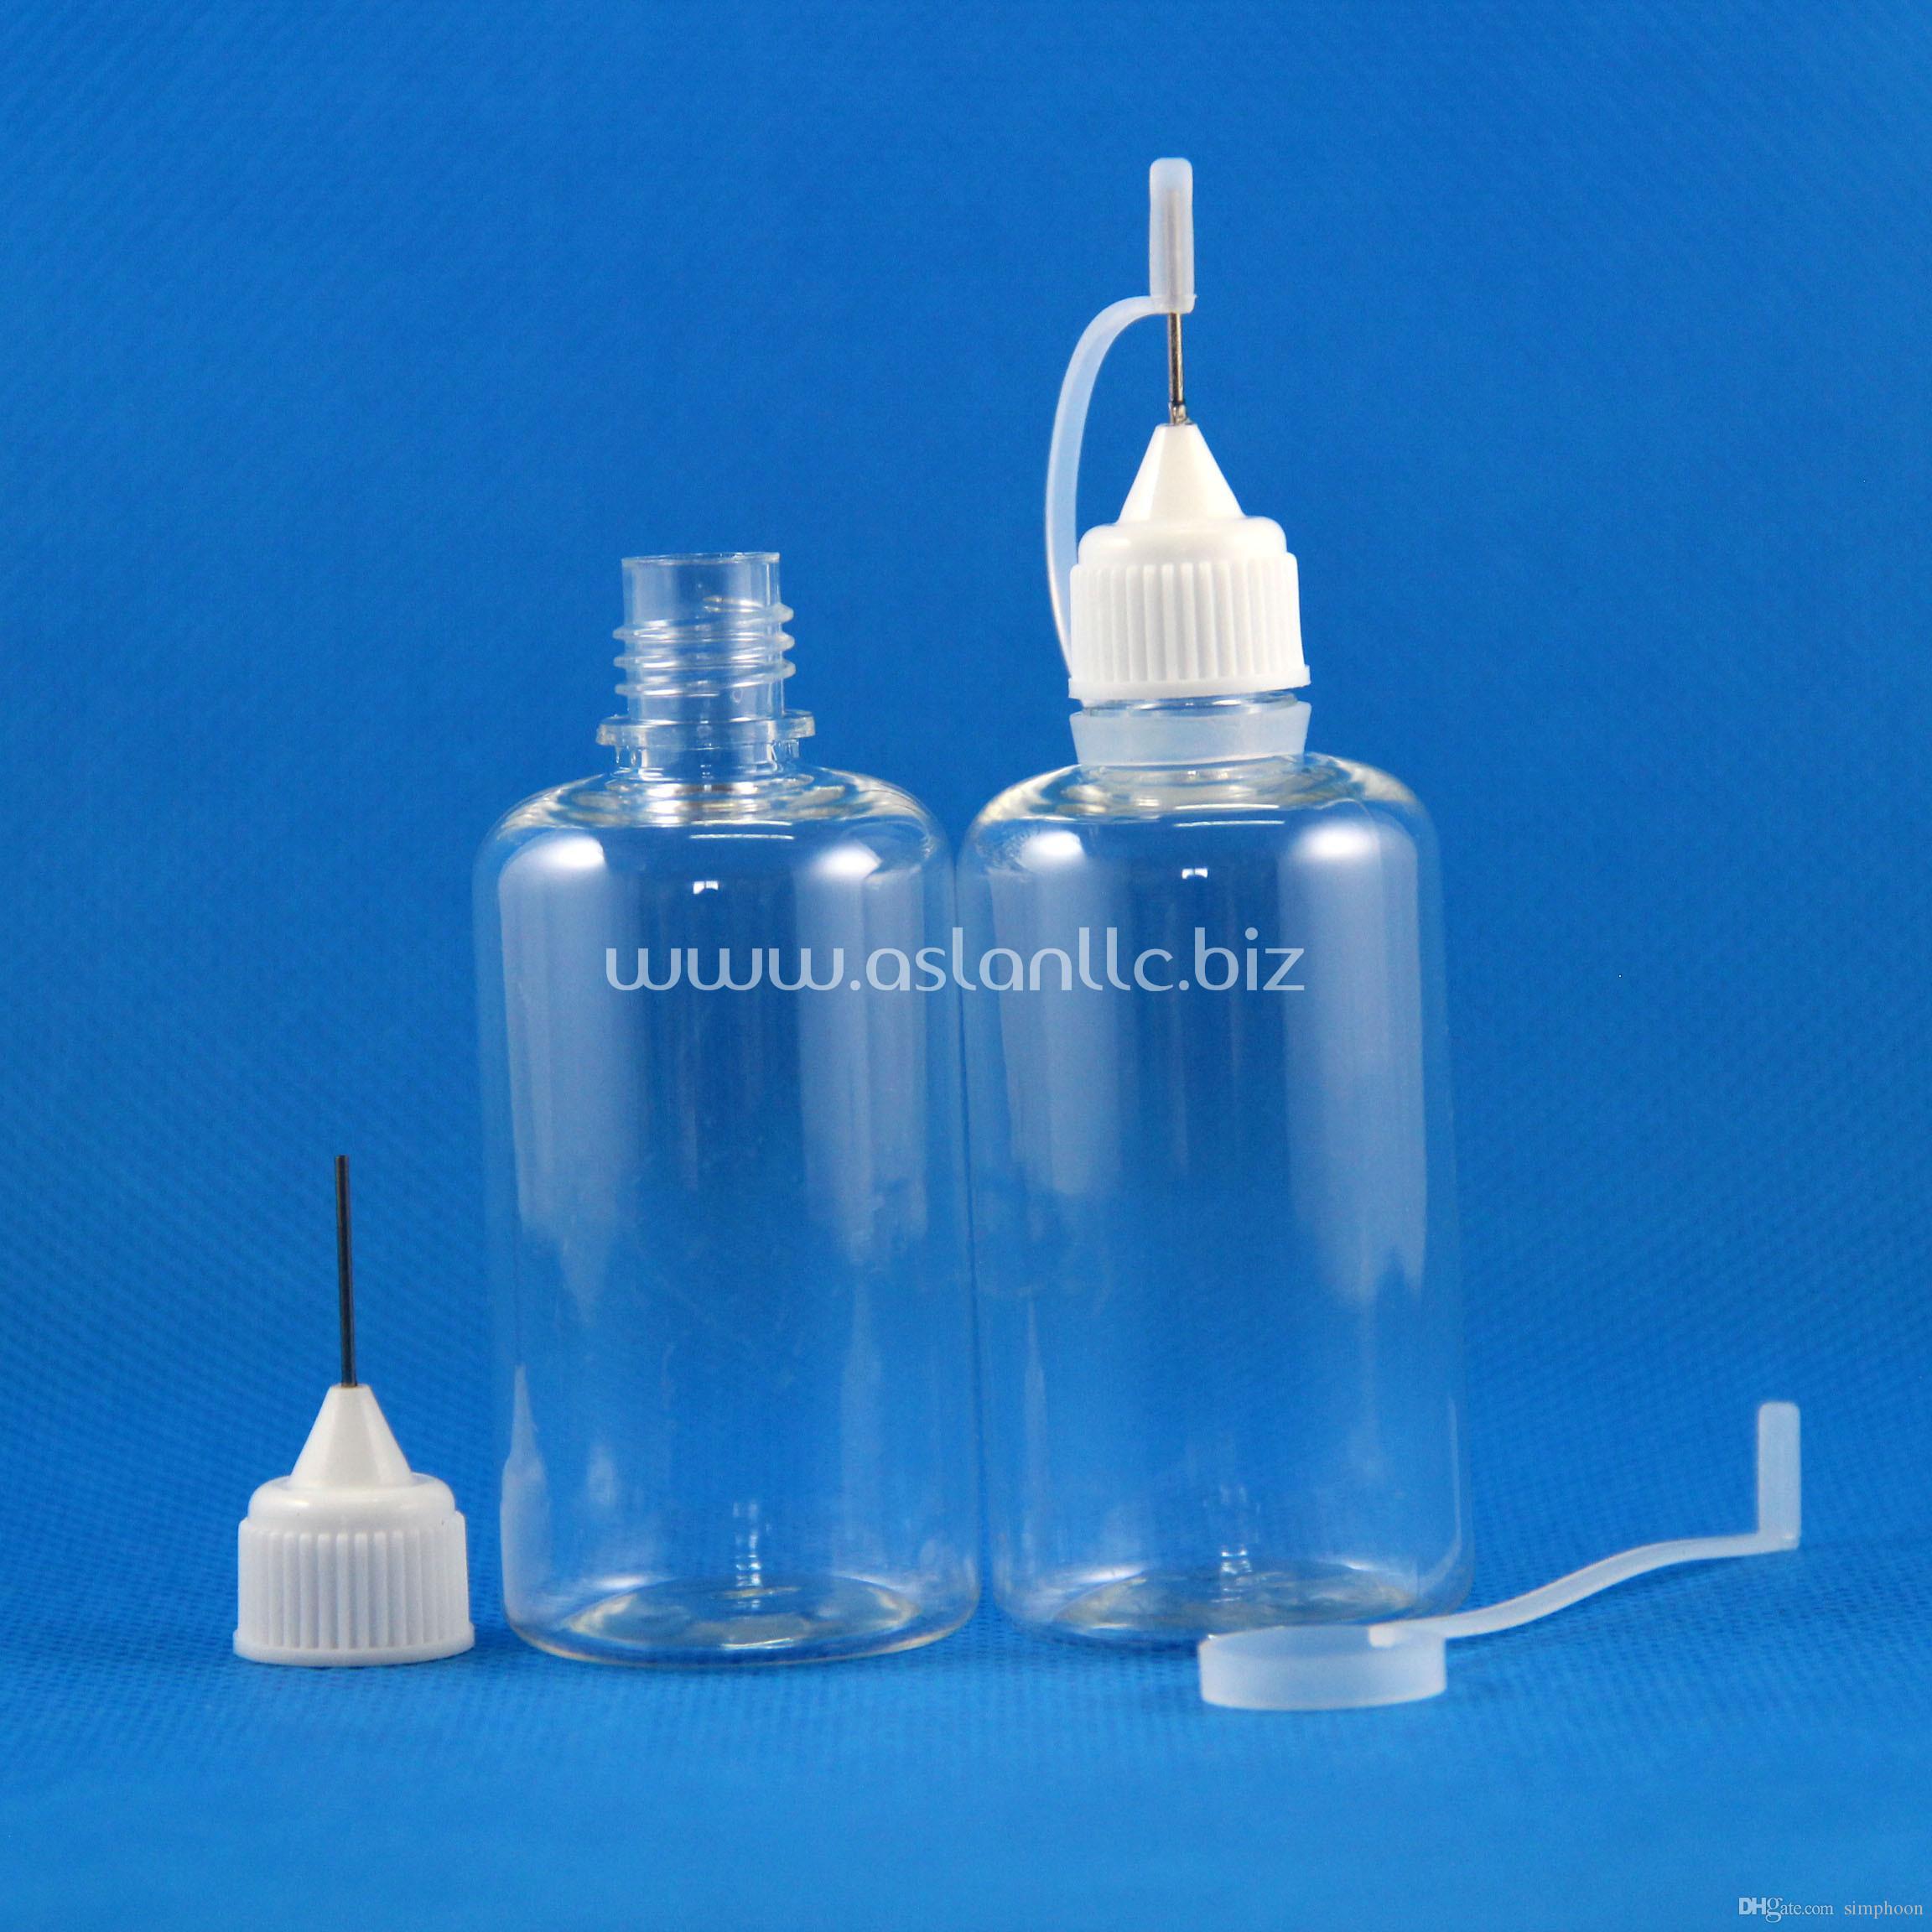 100 Sets / Lote 50ml PET Botellas cuentagotas de plástico transparente Tapas de agujas de metal Puntas de goma seguros Líquidos E Vapor Vape Aceite de jugo 50 ml